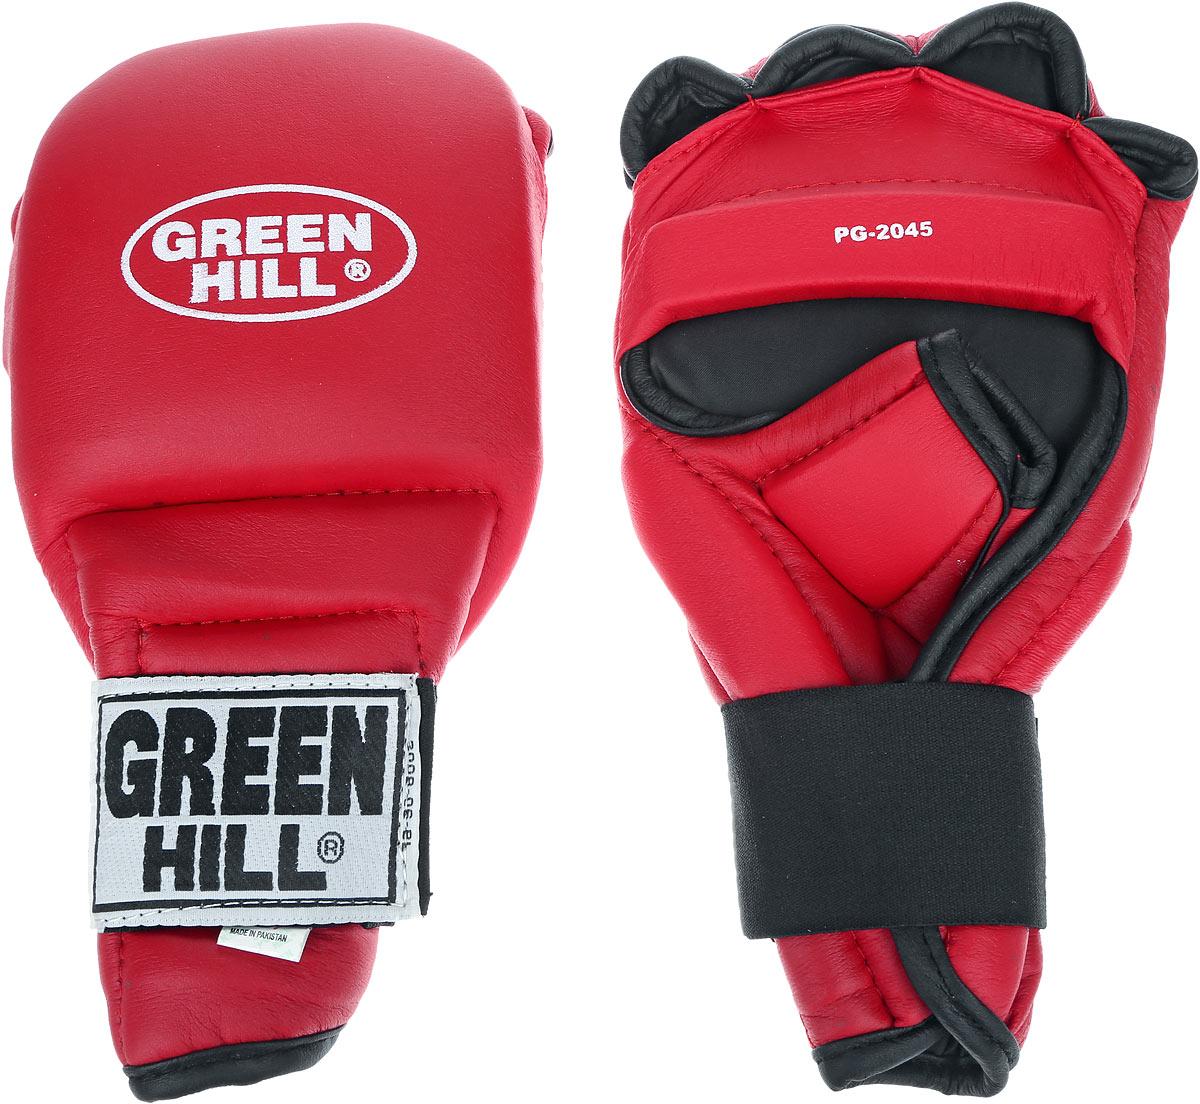 Перчатки для рукопашного боя Green Hill, цвет: красный, черный. Размер S. PG-2045BGS-2039Перчатки для рукопашного боя Green Hill произведены из высококачественной искусственной кожи. Подойдут для занятий кунг-фу. Конструкция предусматривает открытые пальцы - необходимый атрибут для проведения захватов. Манжеты на липучках позволяют быстро снимать и надевать перчатки без каких-либо неудобств. Анатомическая посадка предохраняет руки от повреждений.